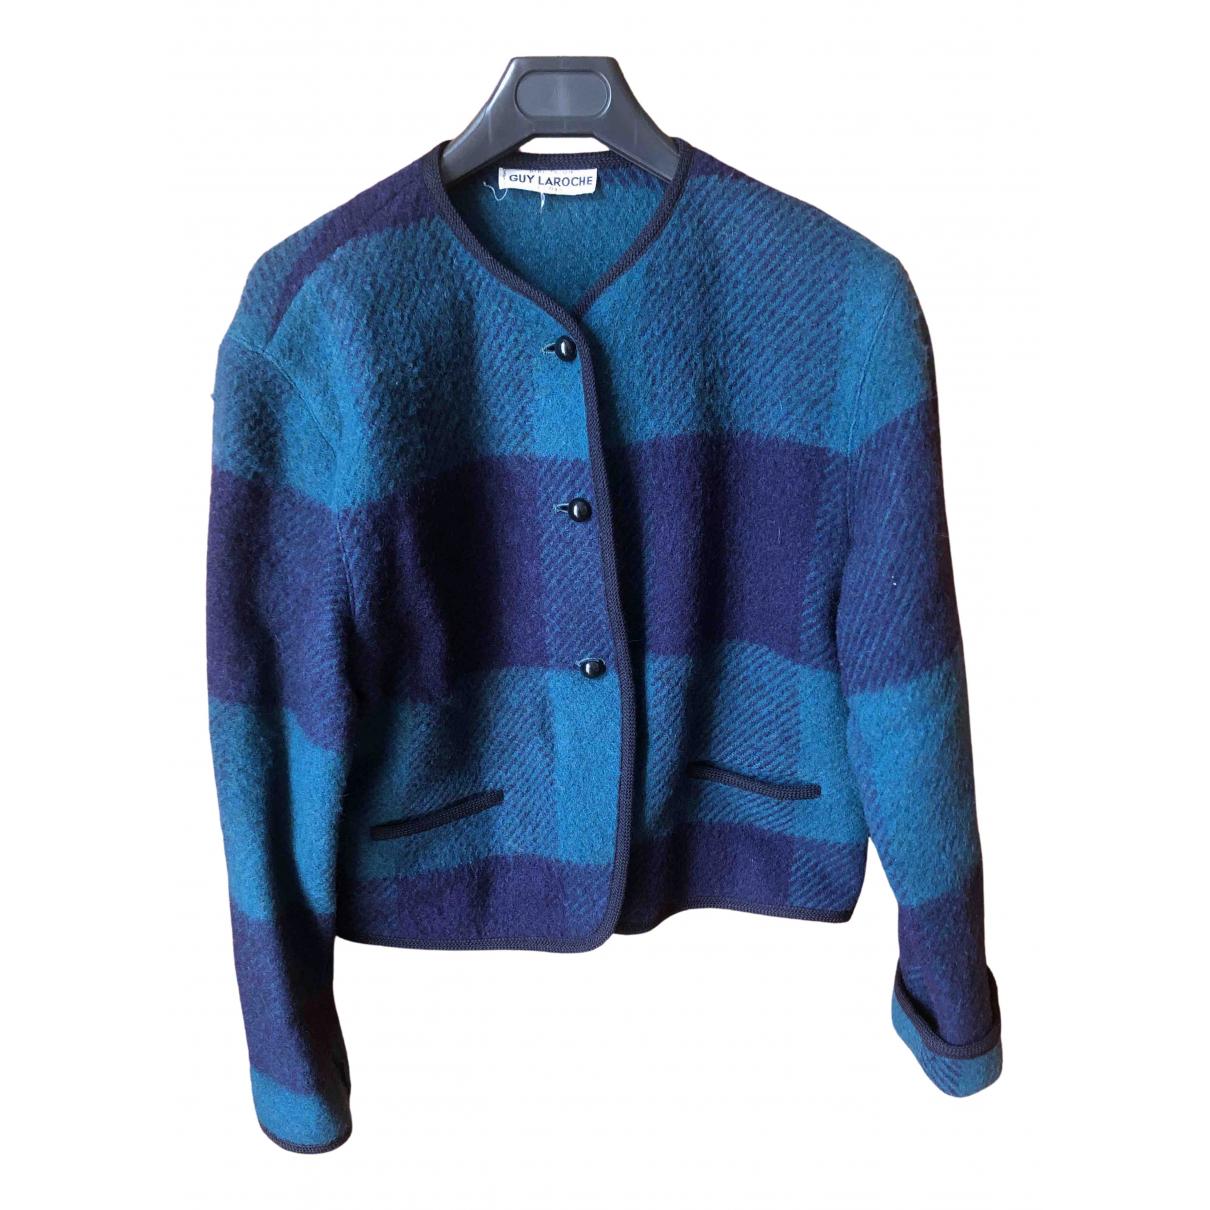 Guy Laroche \N Pullover in  Blau Wolle